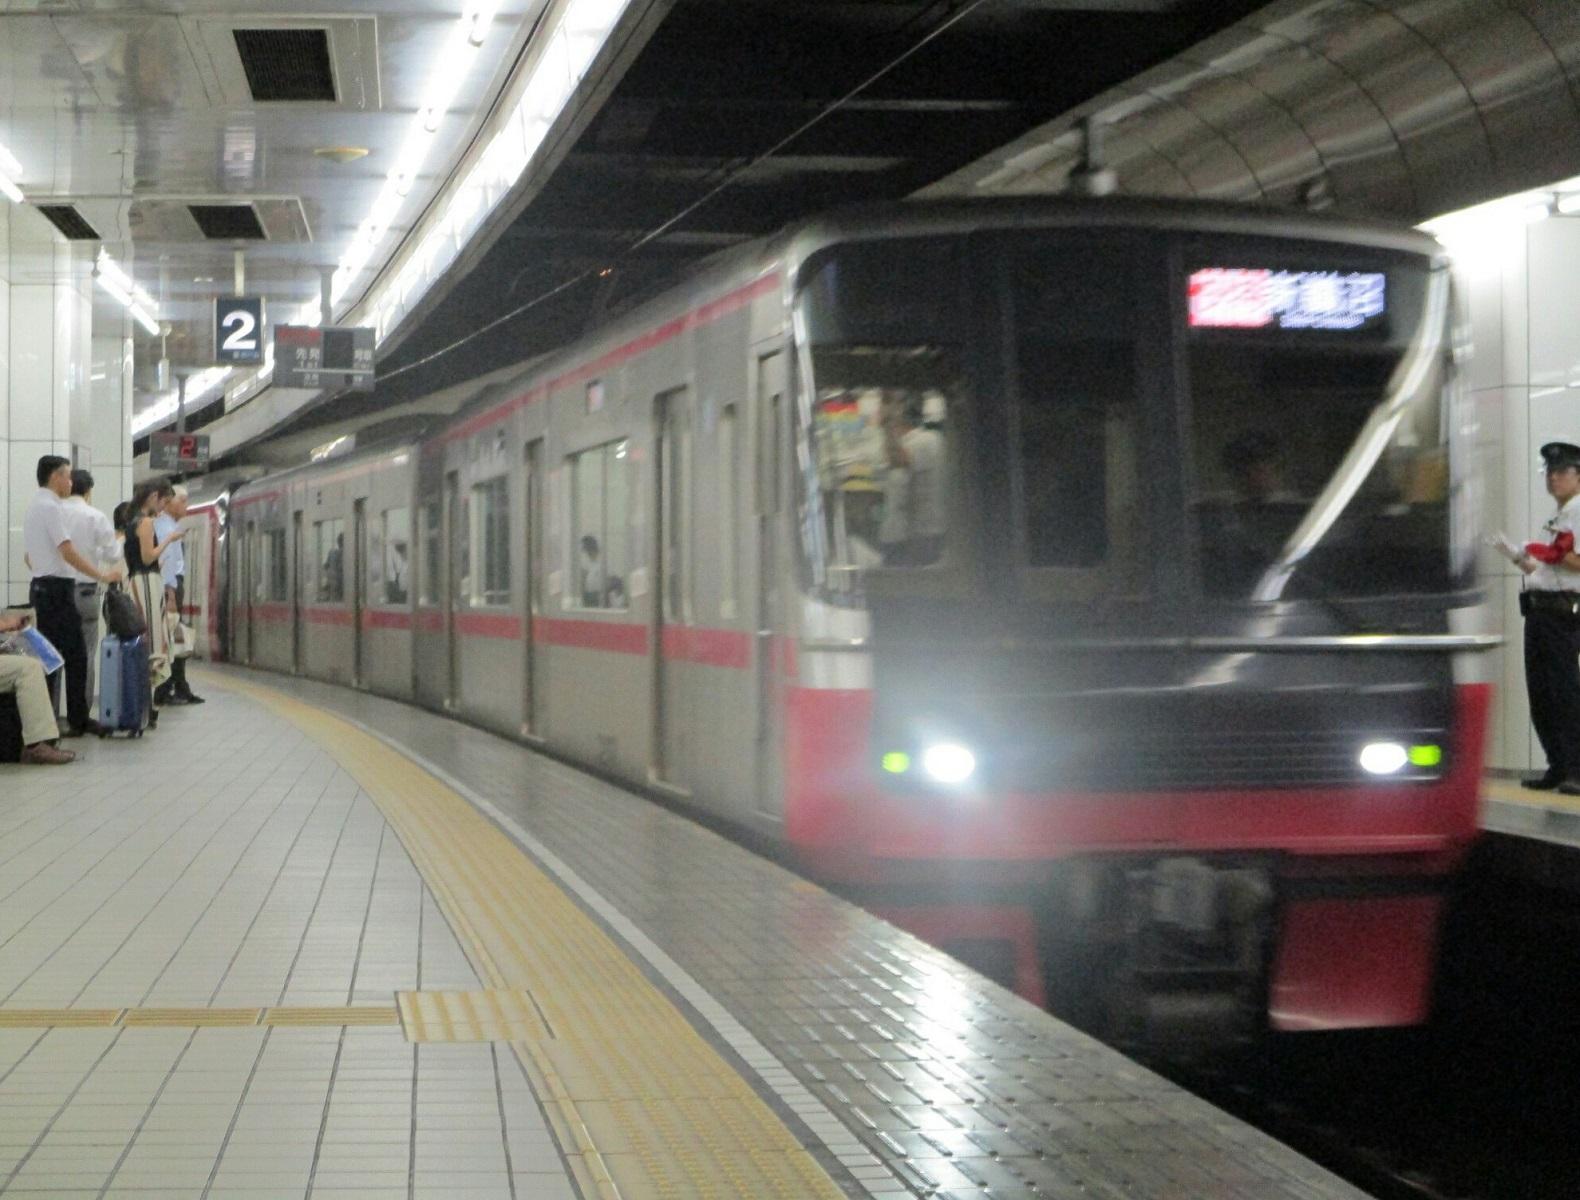 2018.7.27 (103) 名古屋 - 新鵜沼いき快速特急 1580-1200